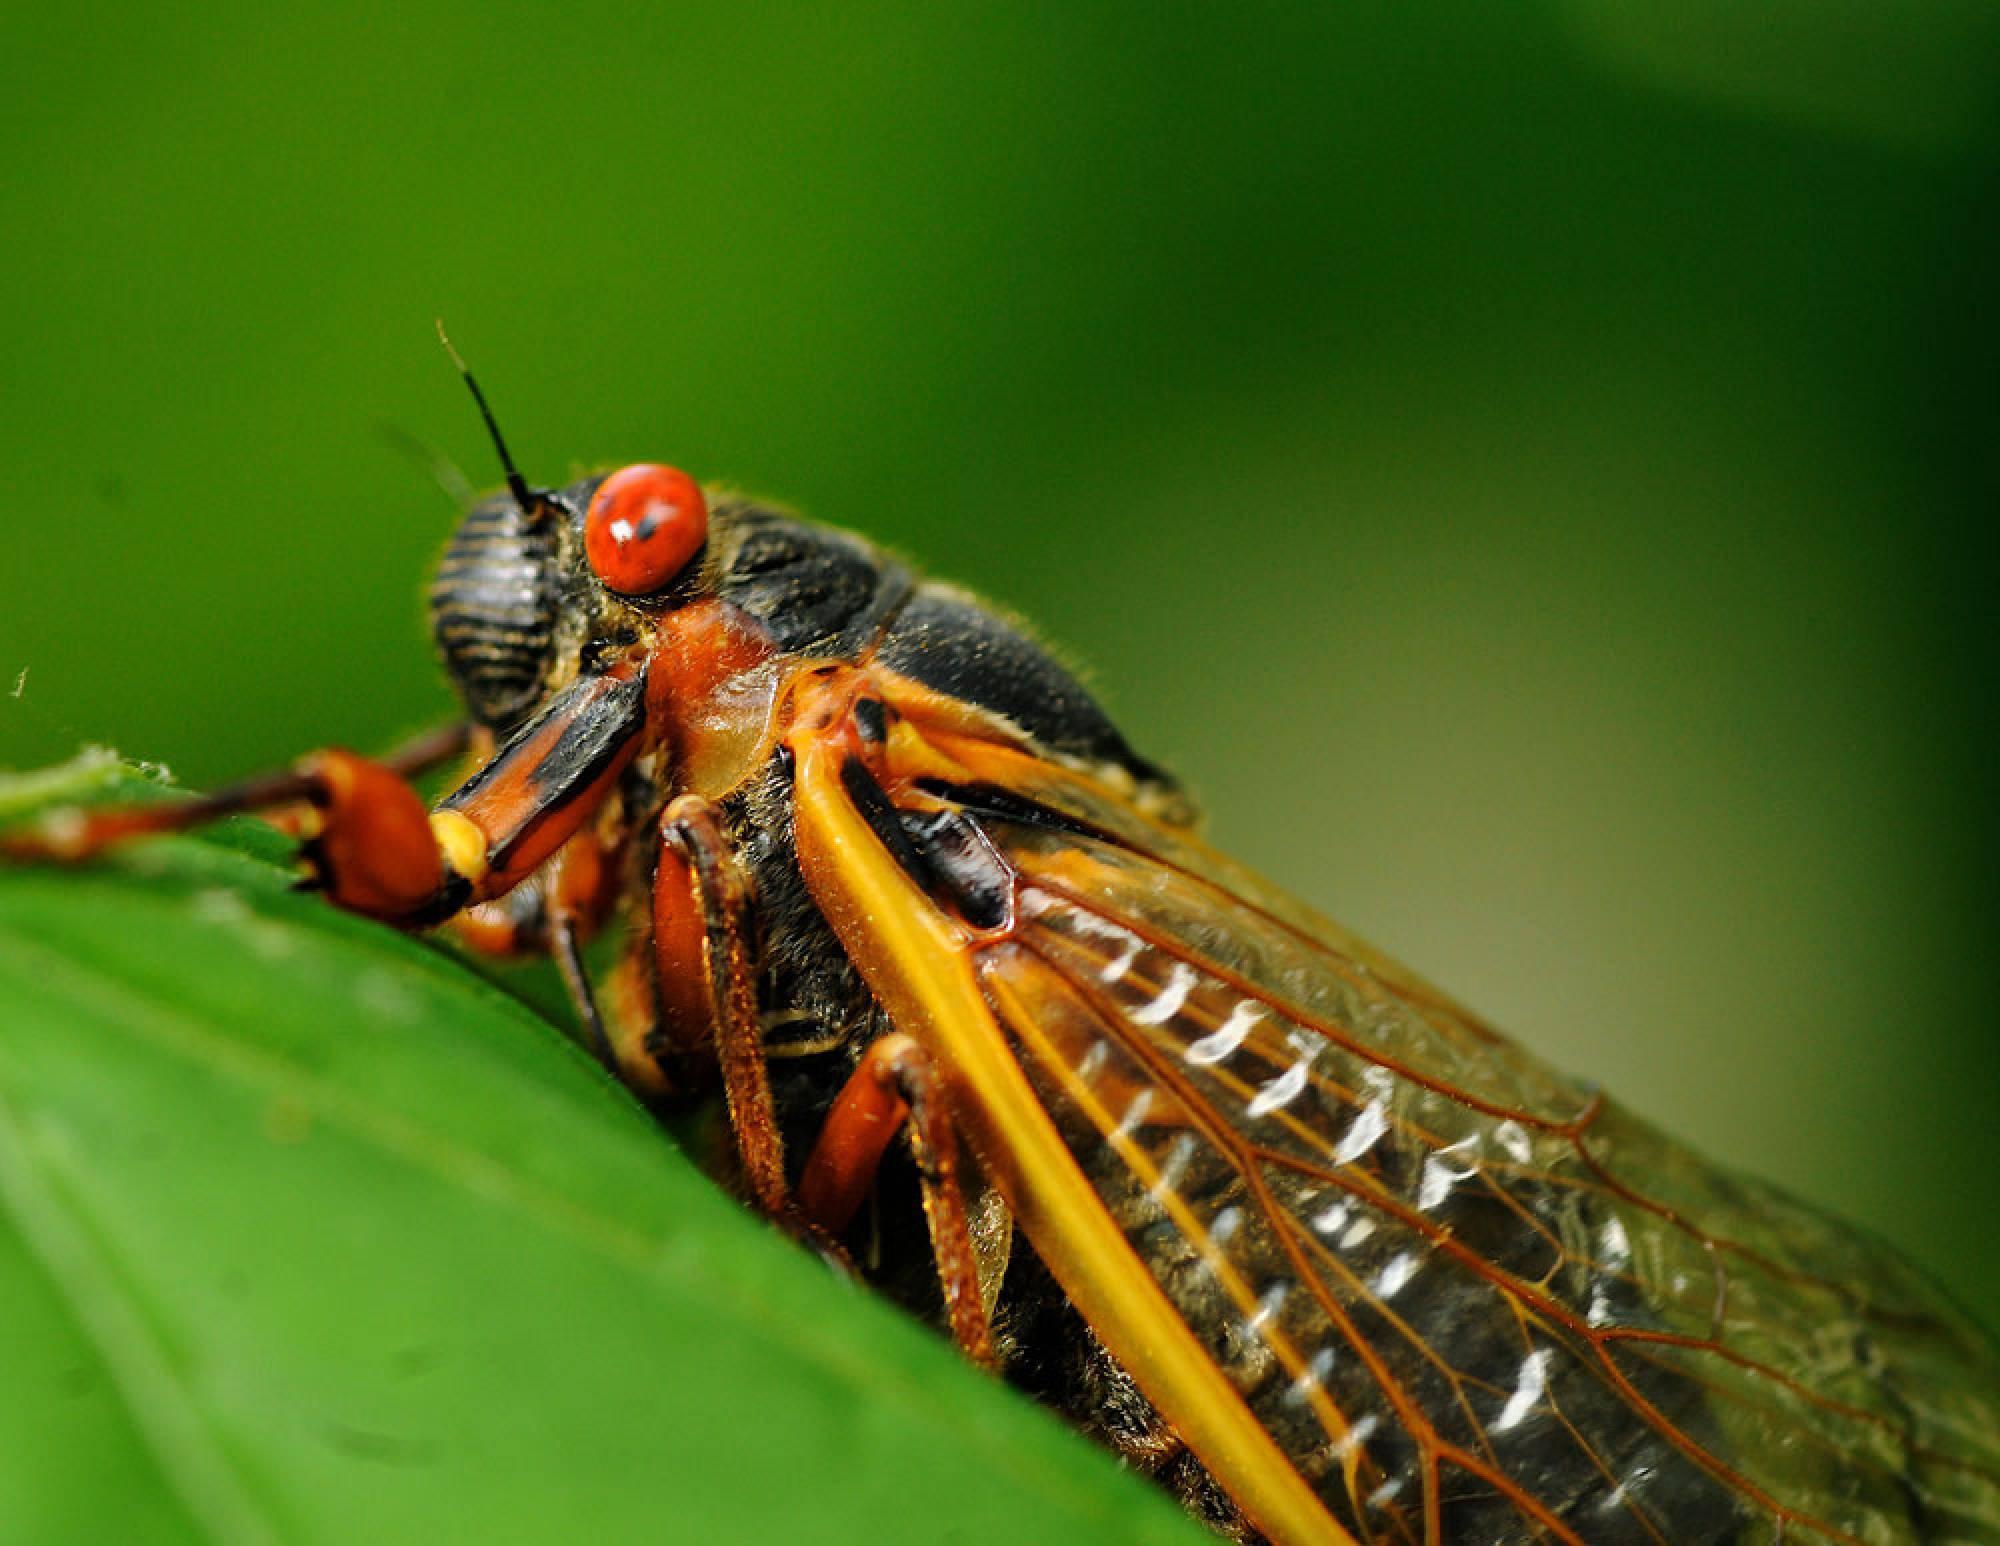 17 Year Periodical Cicadas